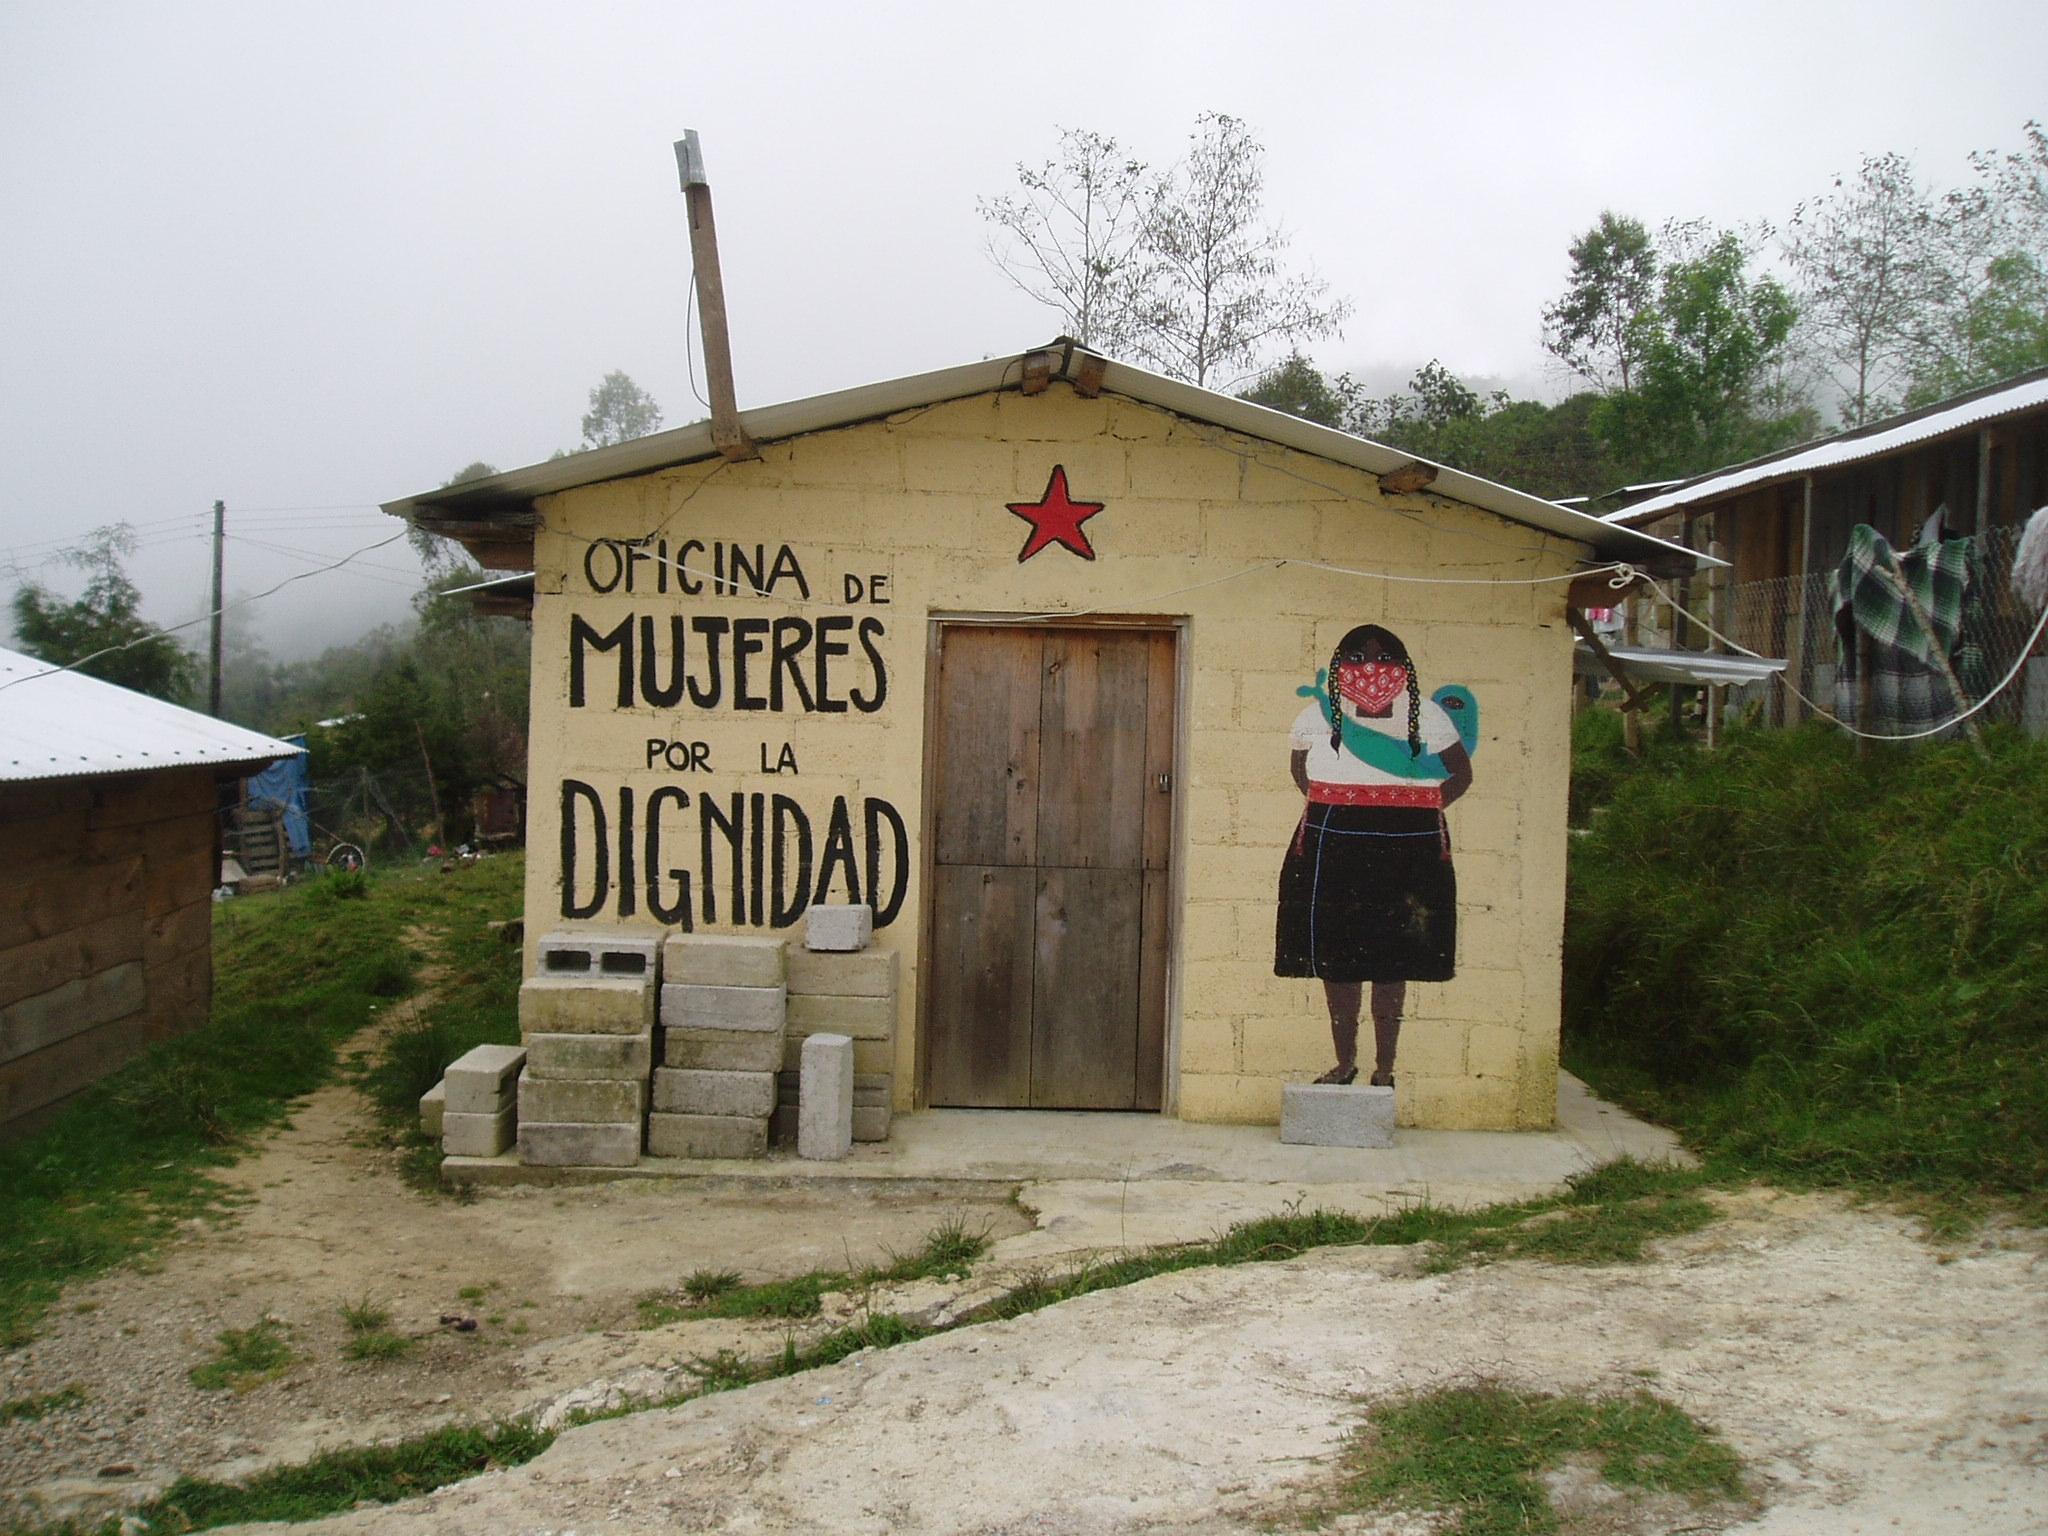 Weiterbildungsseminar: Indigene Bewegungen in Chiapas (Mexiko) und Cauca (Kolumbien) und deren Impulse für das Konzept des Buen Vivir